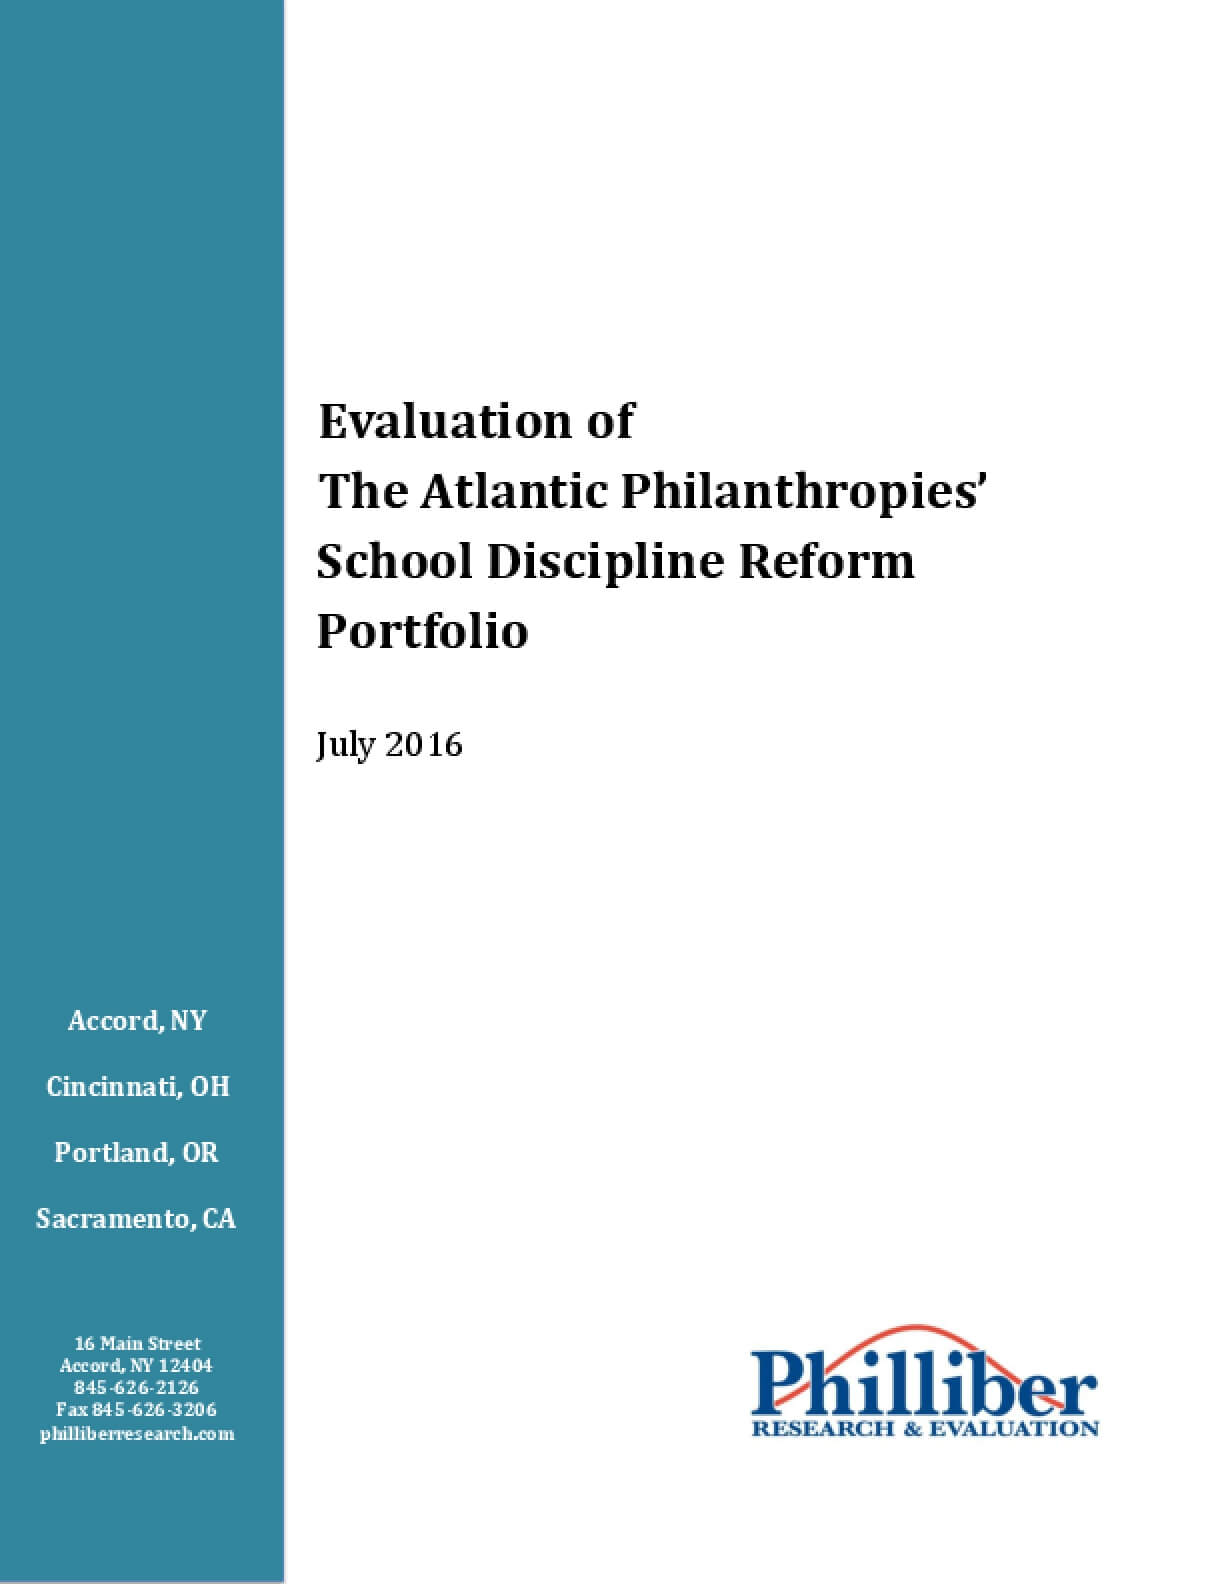 The Atlantic Philanthropies' School Discipline Reform Portfolio